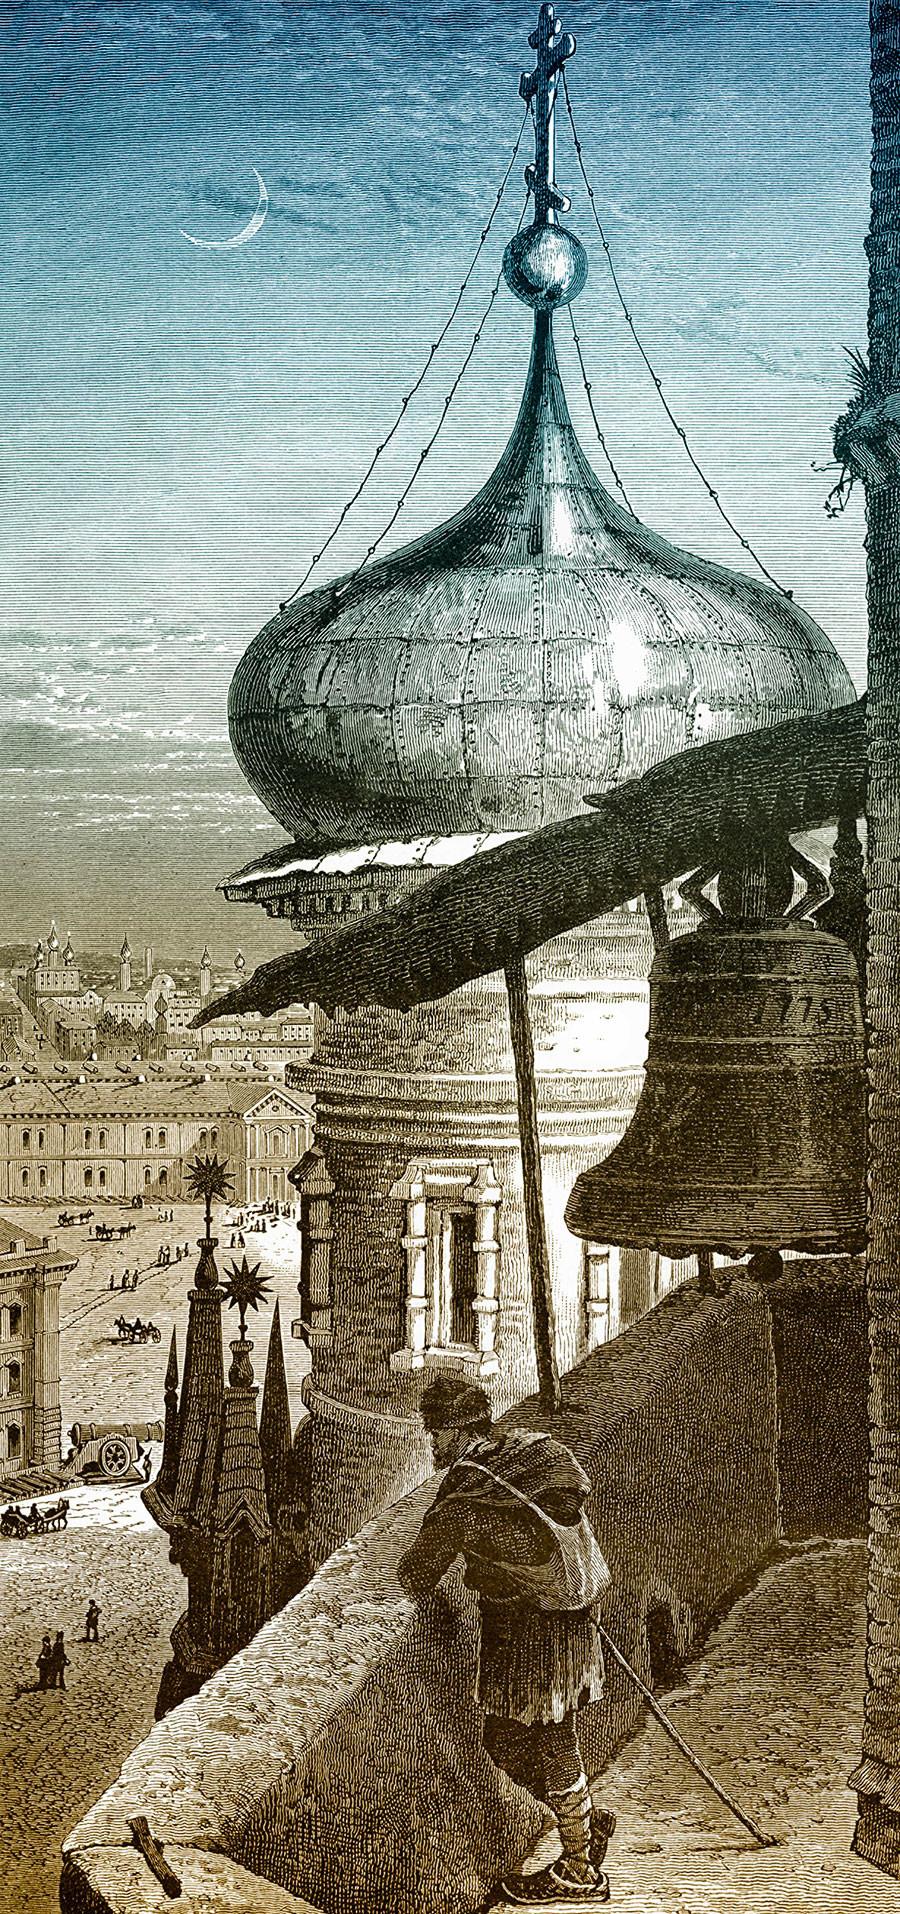 Desenho histórico representando a vista da torre do sino de Ivan, o Grande, no século 19.